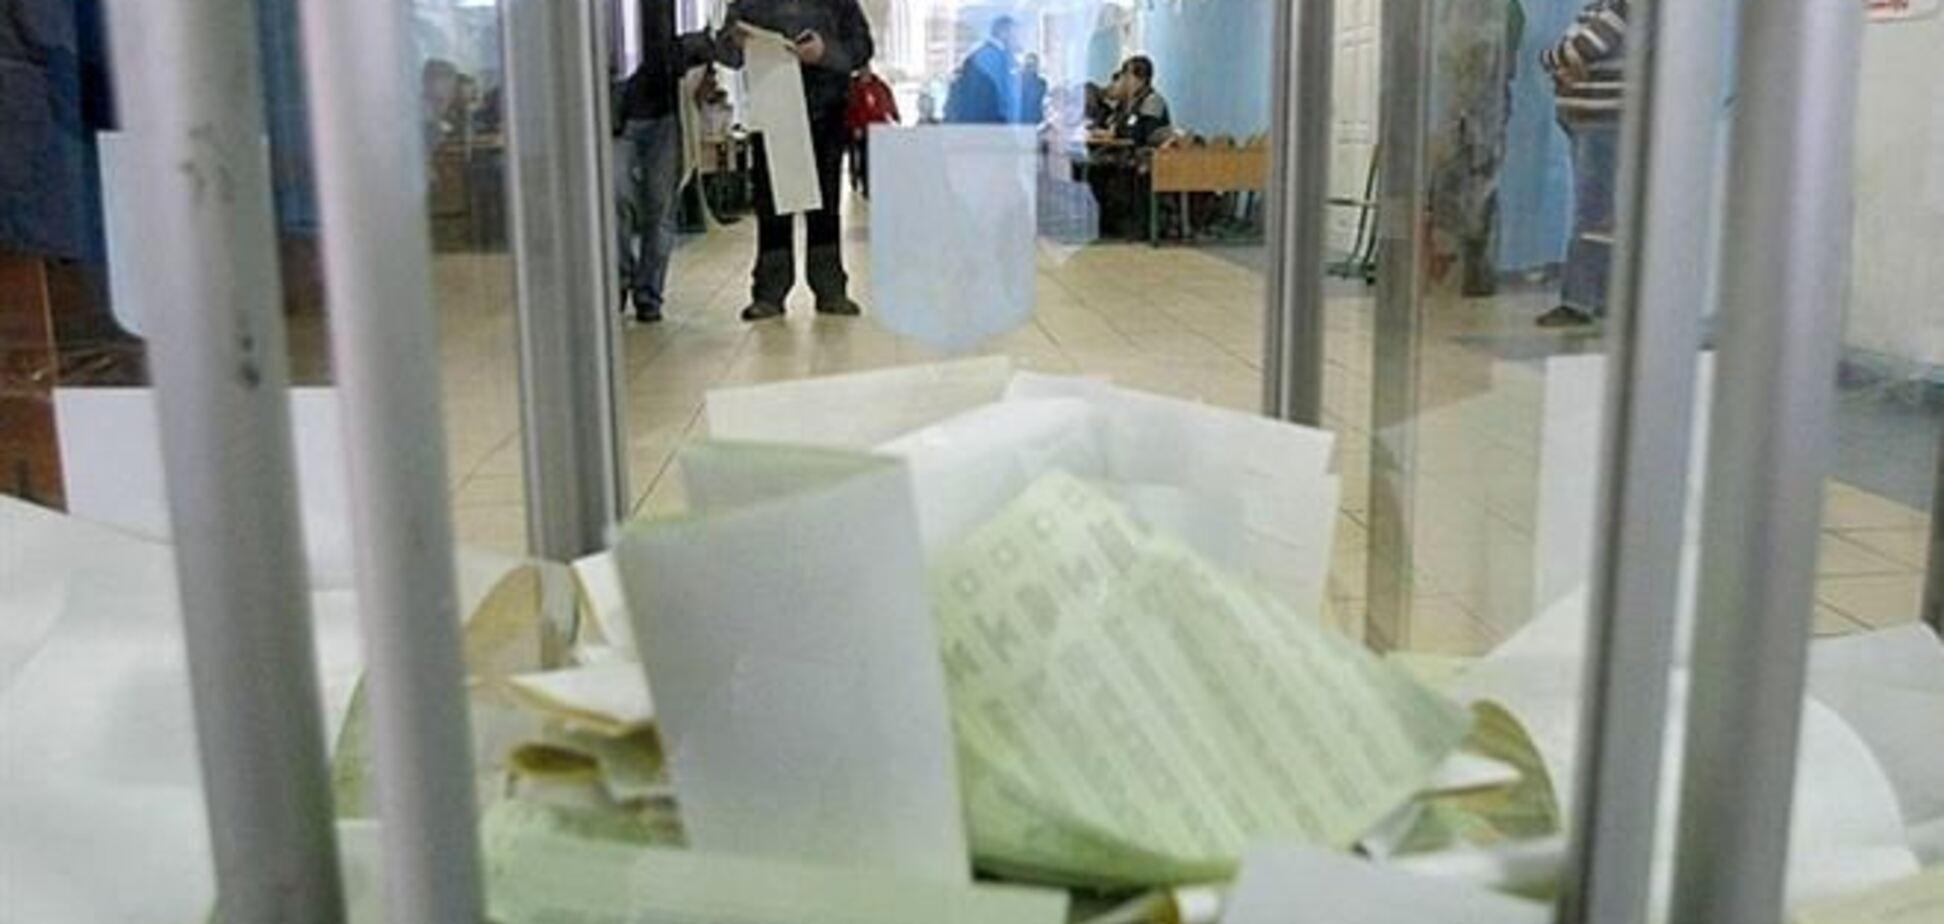 ЦИК объявила официальные результаты перевыборов в четырех из пяти округов